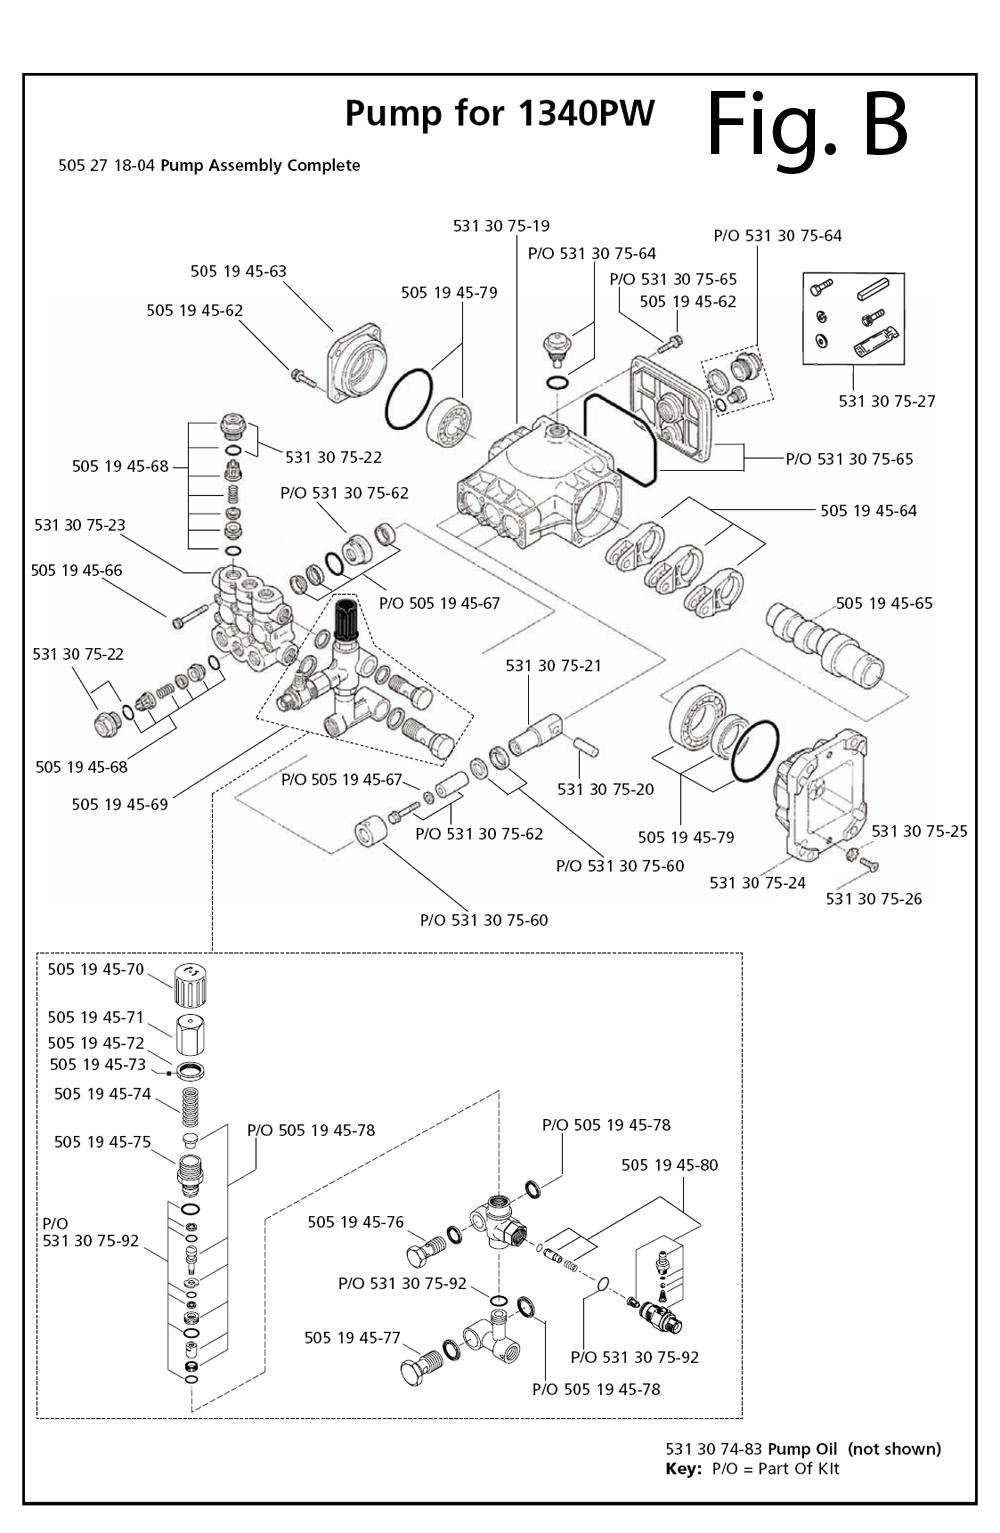 1340PW-Husqvarna-PB-1Break Down